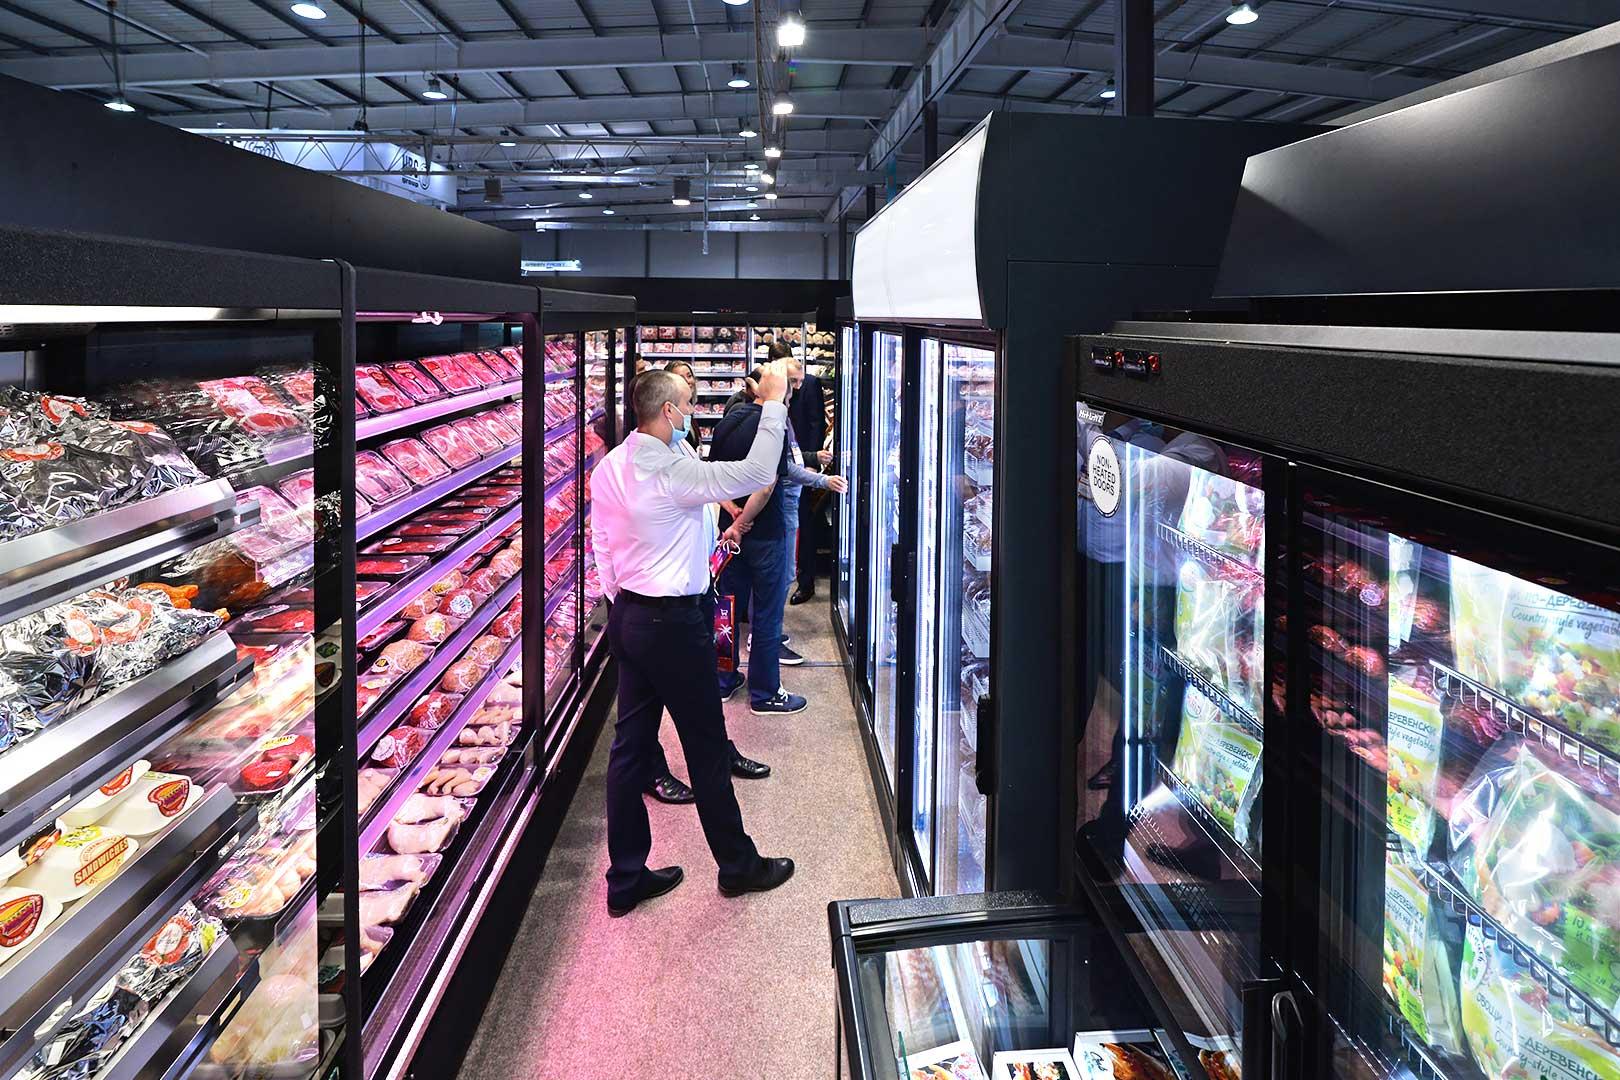 Multideck cabinets Indiana medium AV 066 MT O 210-DLA, Indiana medium AV 066 MT D 210-DLA, Indiana medium NV 066 heat O 210